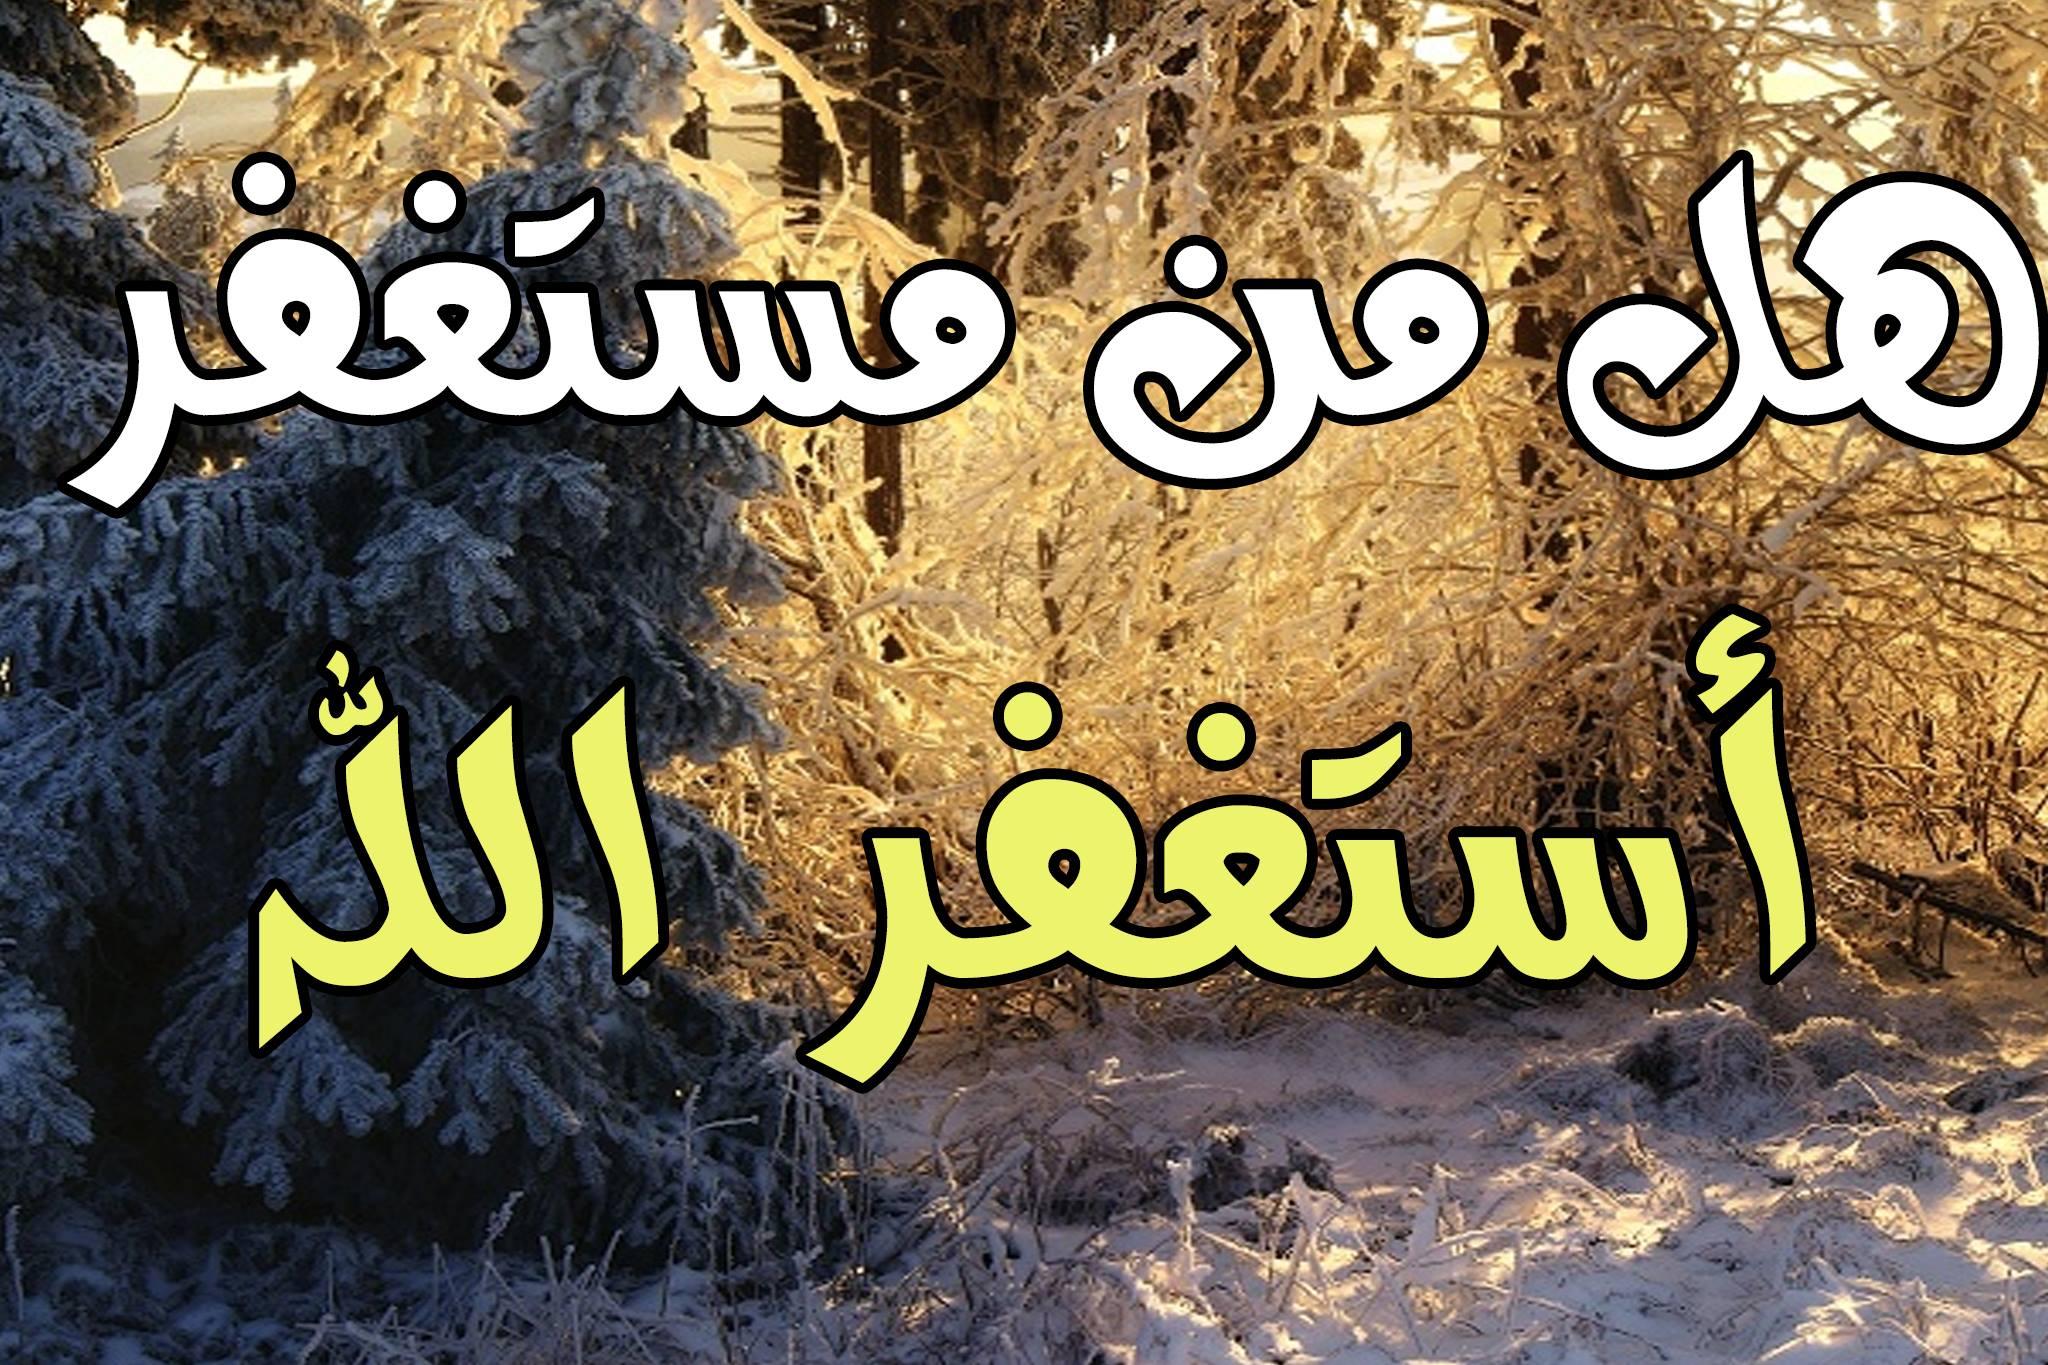 صور عن الاستغفار مكتوب عليها استغفر الله العظيم (10)